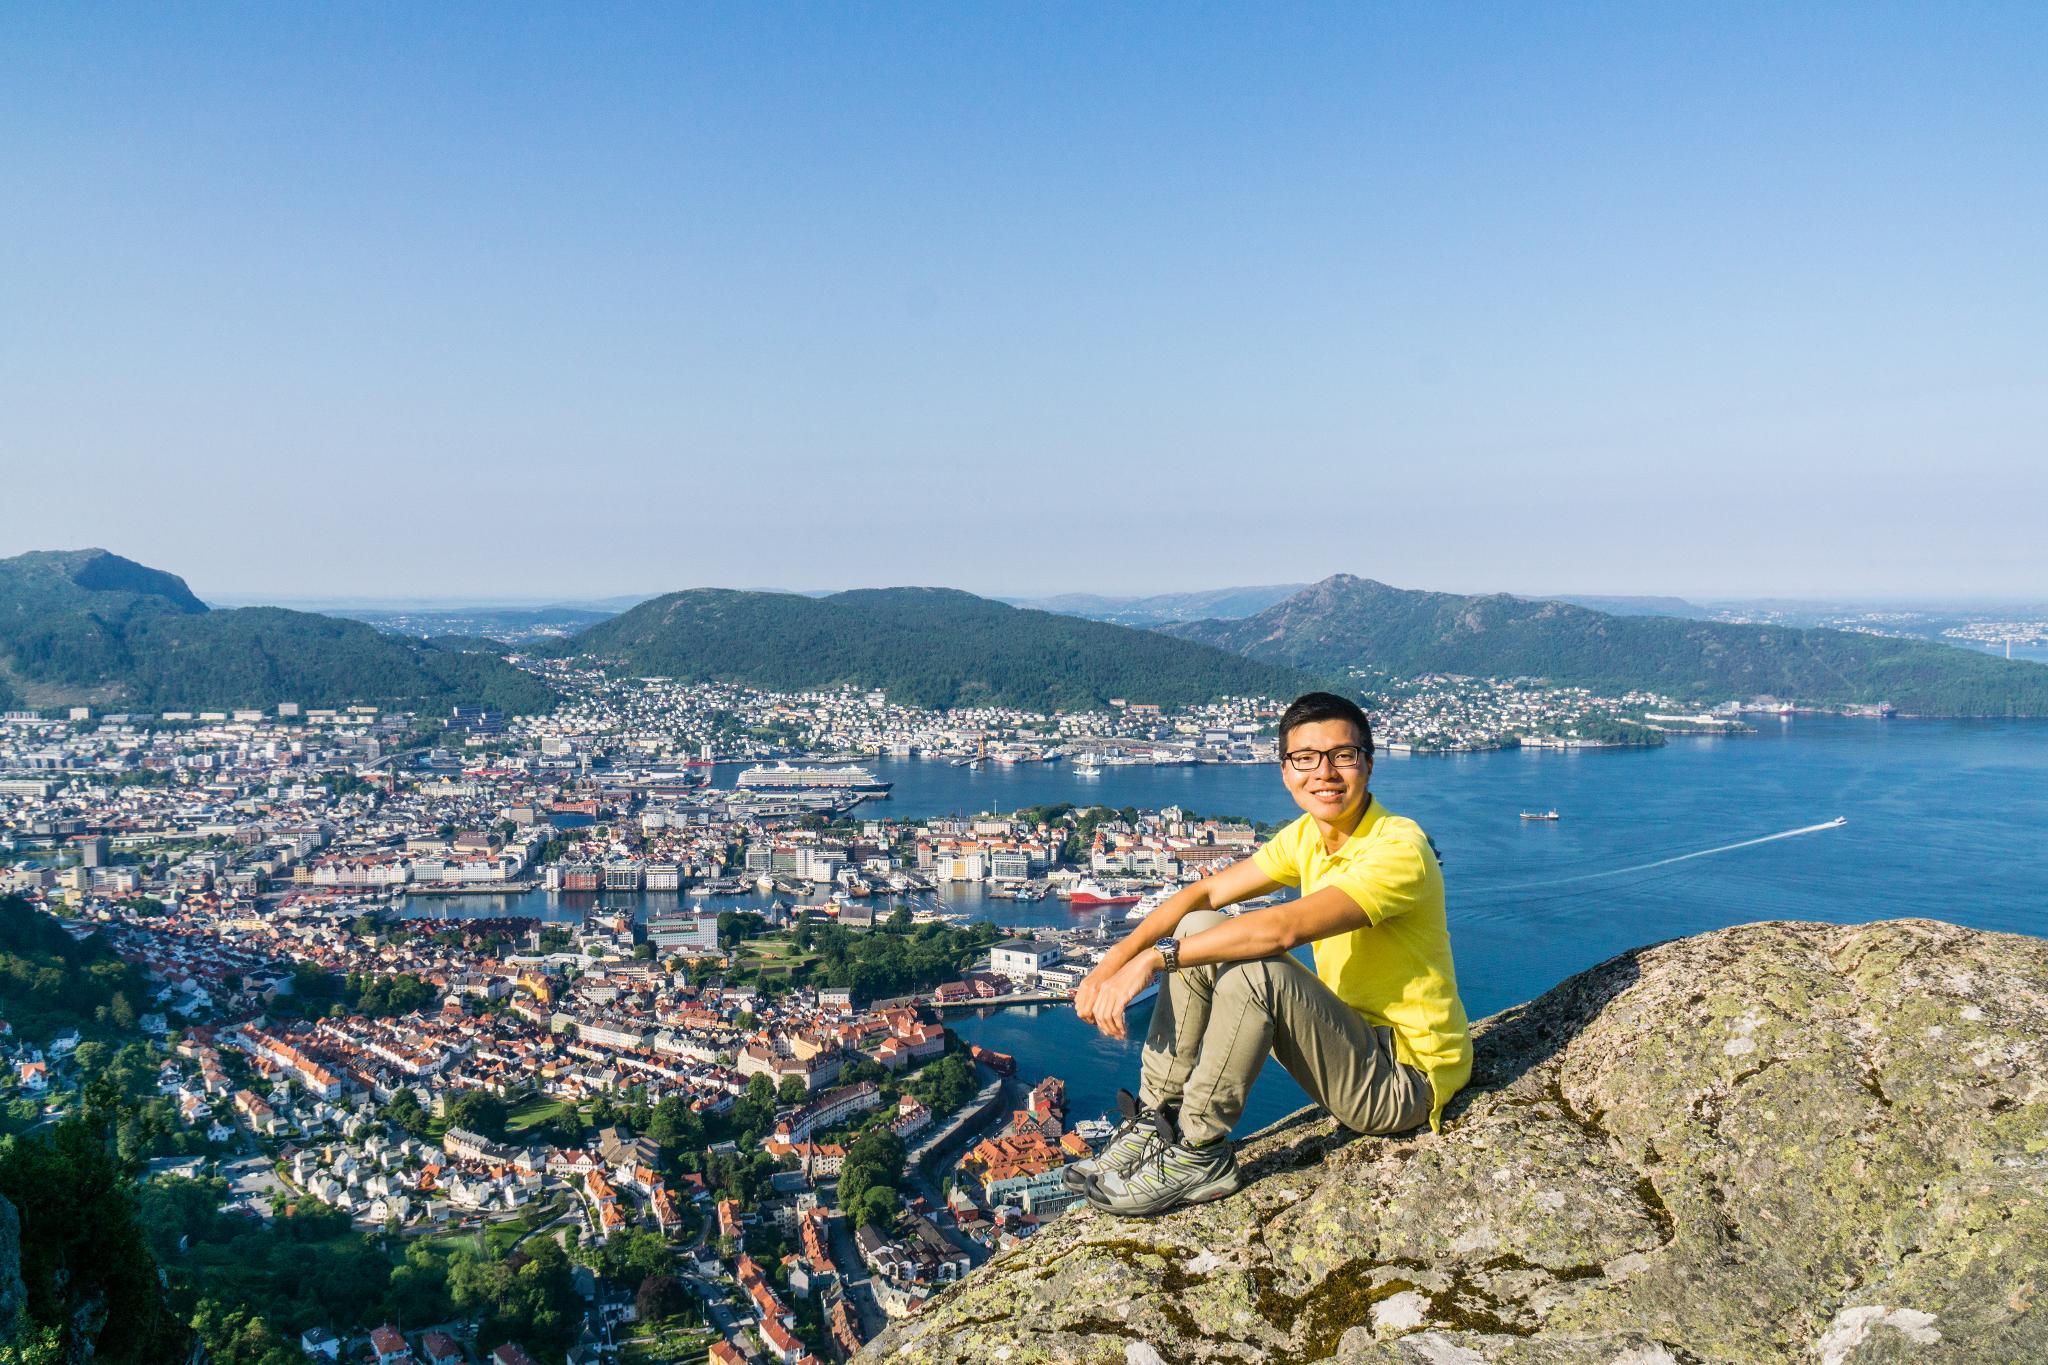 【卑爾根】超級震撼的隱藏版挪威景點 — Stoltzekleiven桑德維克斯石梯與Fløyen佛洛伊恩觀景台大縱走 16